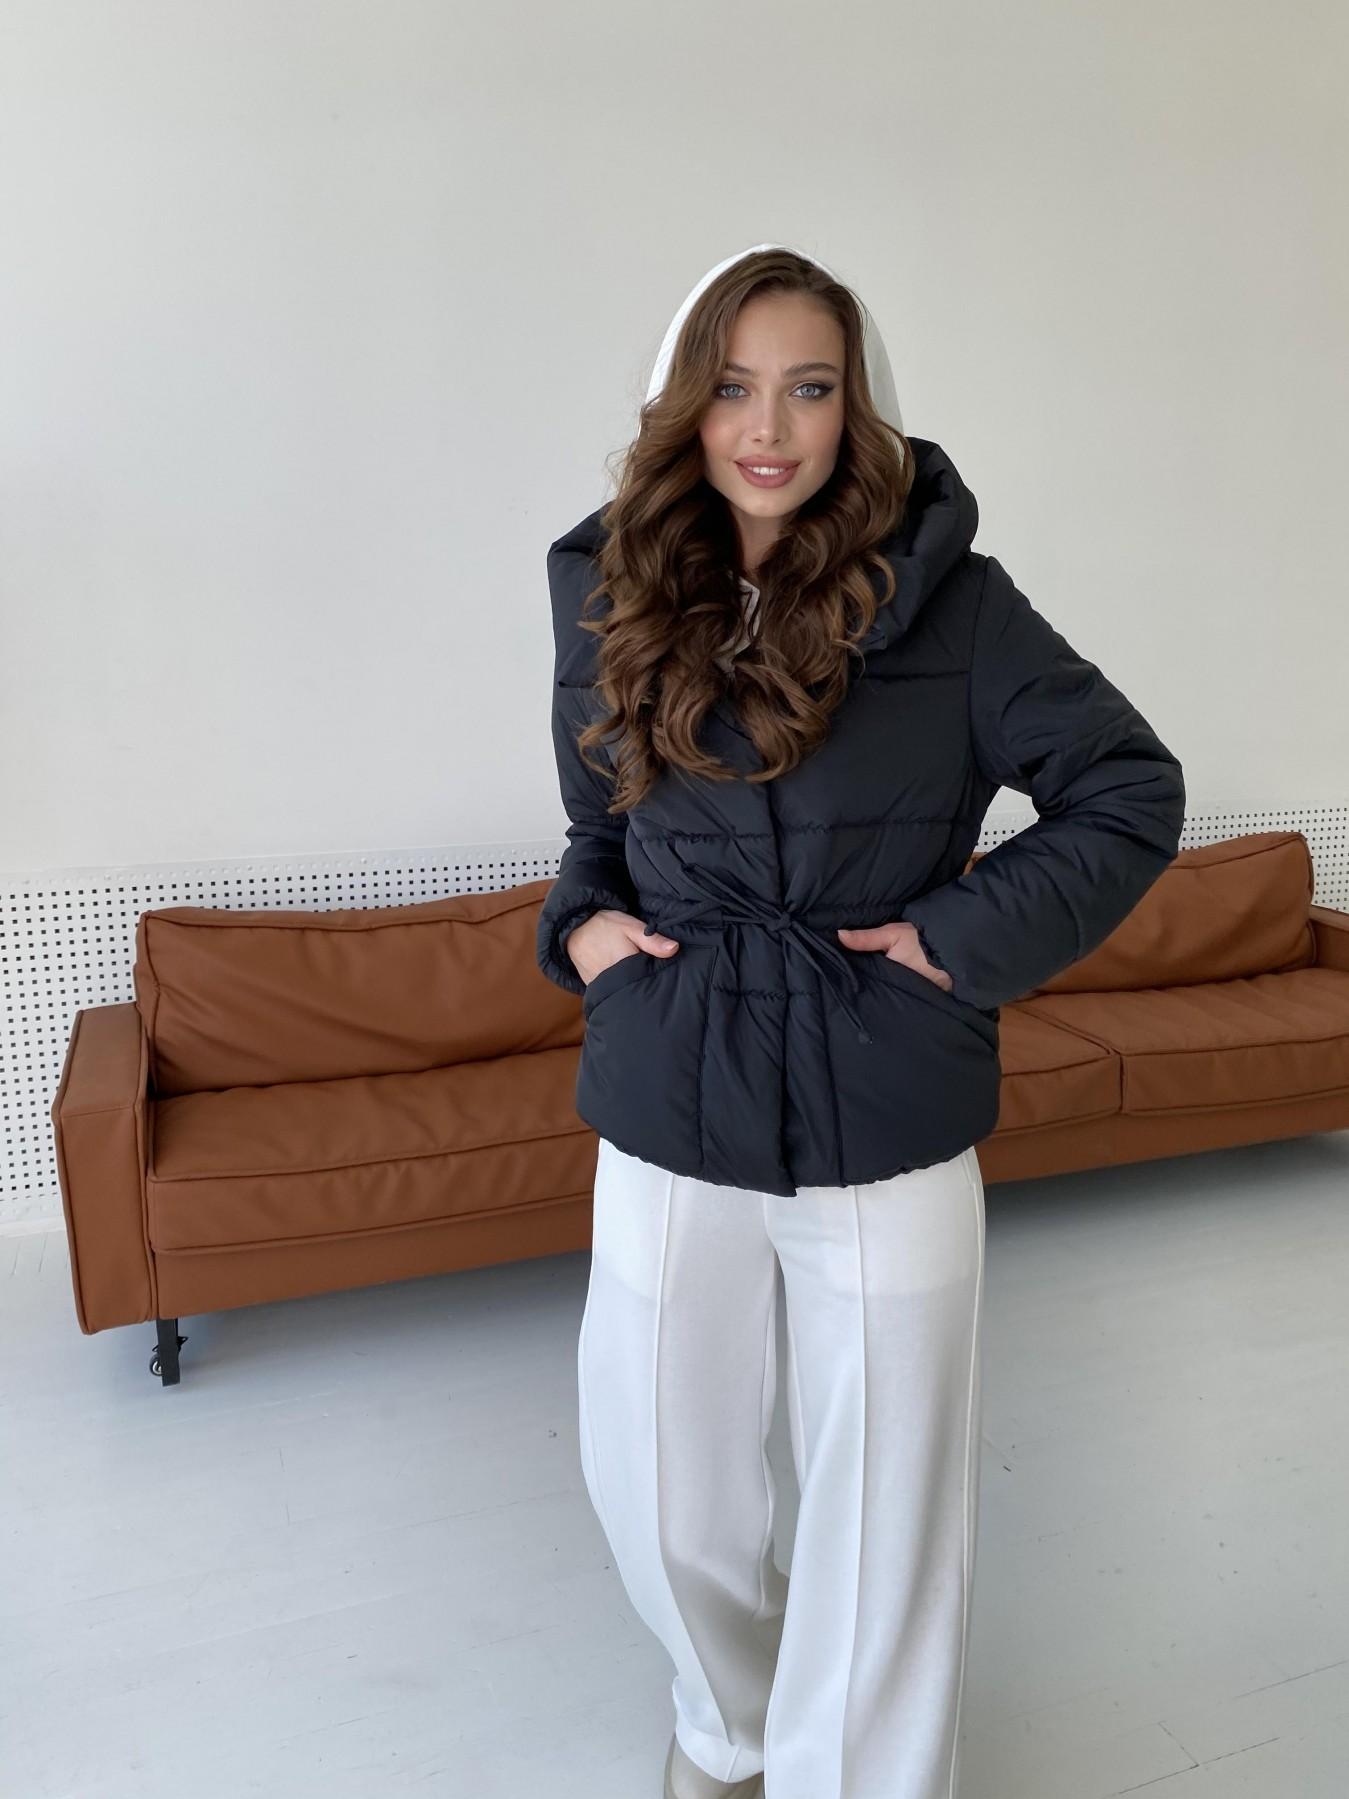 Пино куртка из плащевой ткани 10489 АРТ. 47270 Цвет: Черный - фото 6, интернет магазин tm-modus.ru